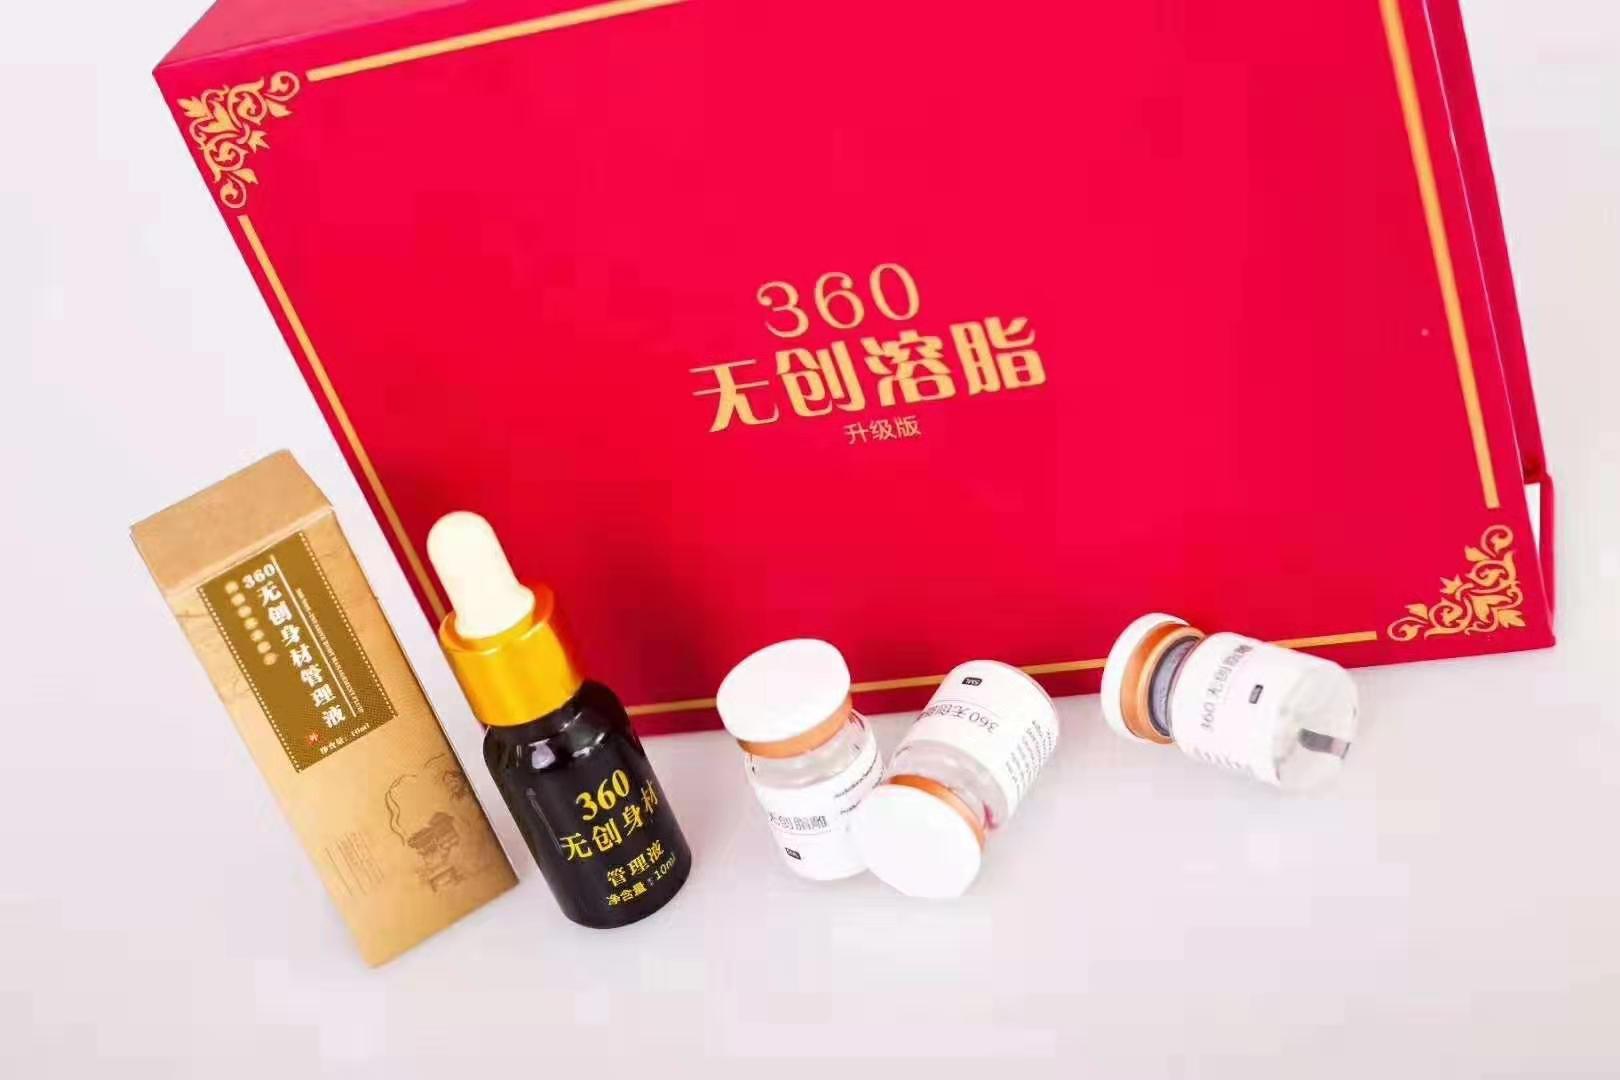 360无创溶脂来袭,美容行业又一个潜力赚钱项目!